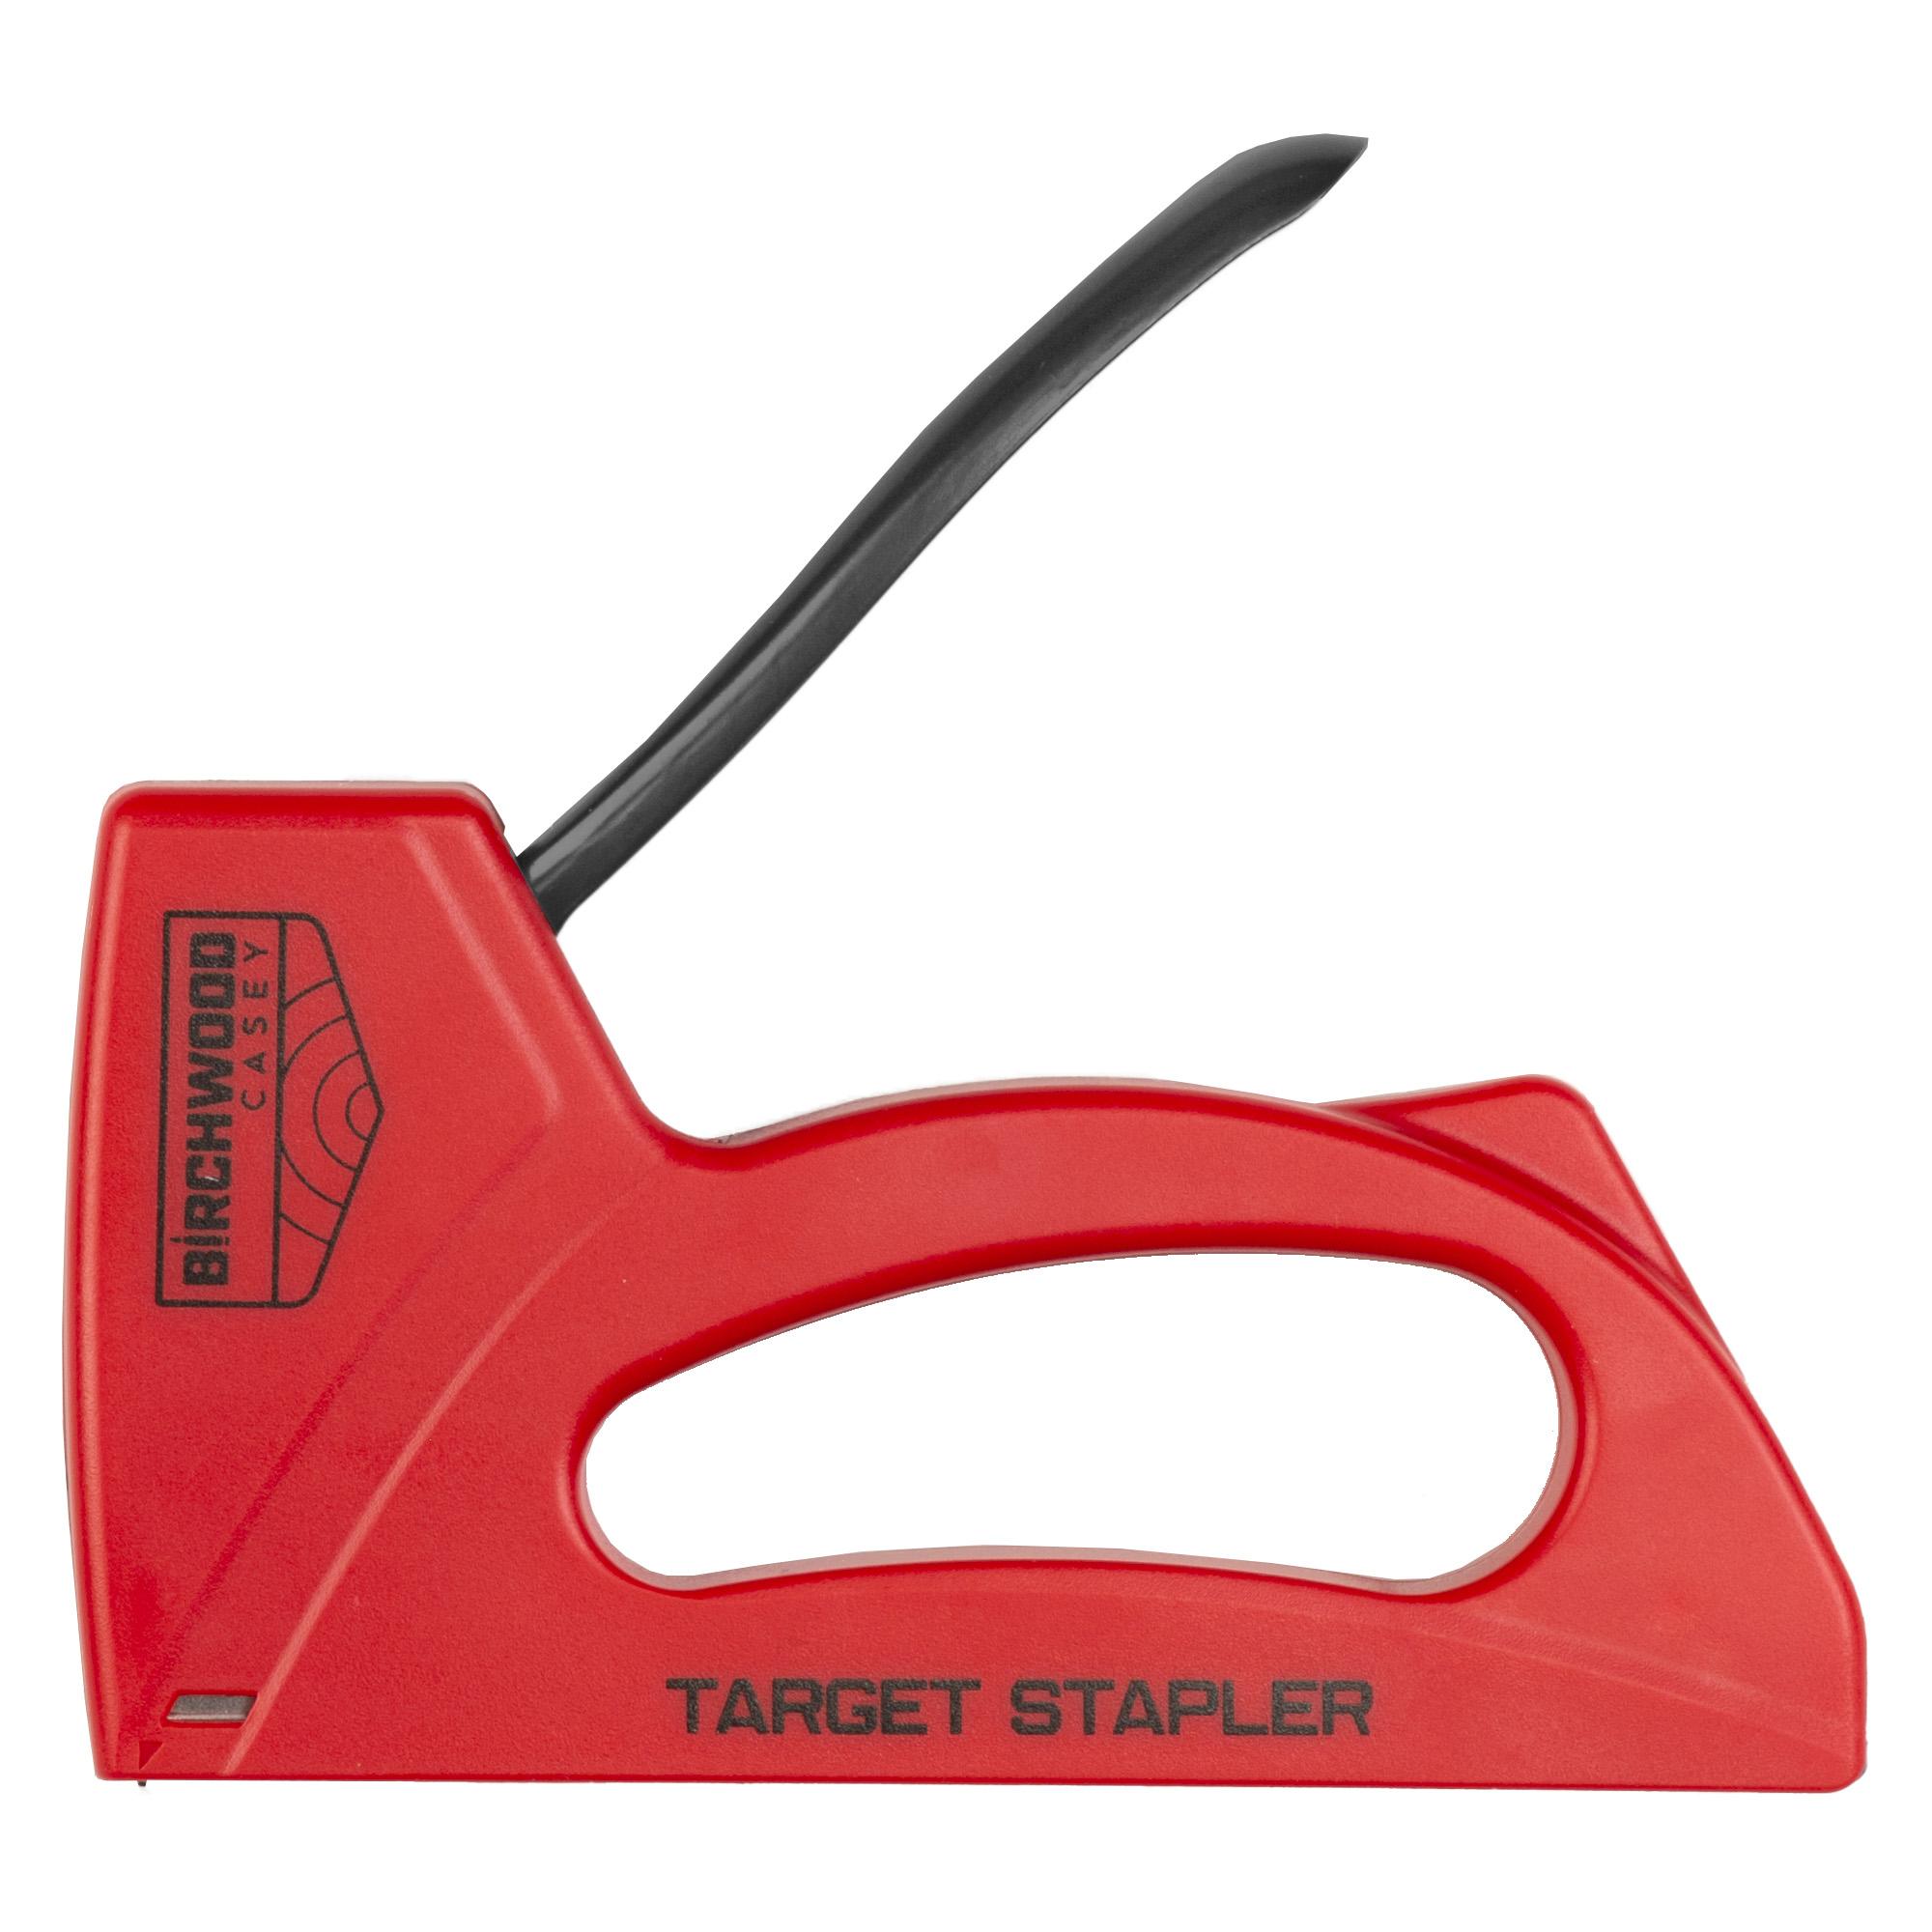 B/c Target Stapler